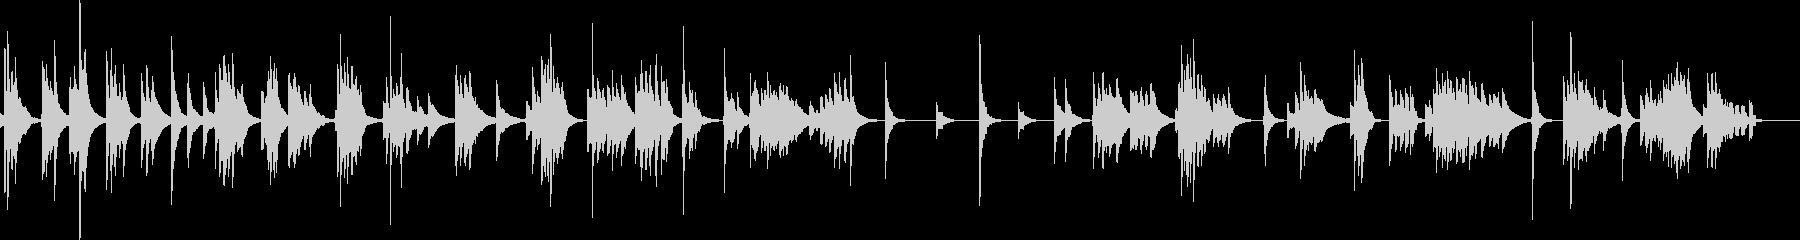 琴による風景描写スロー曲の未再生の波形